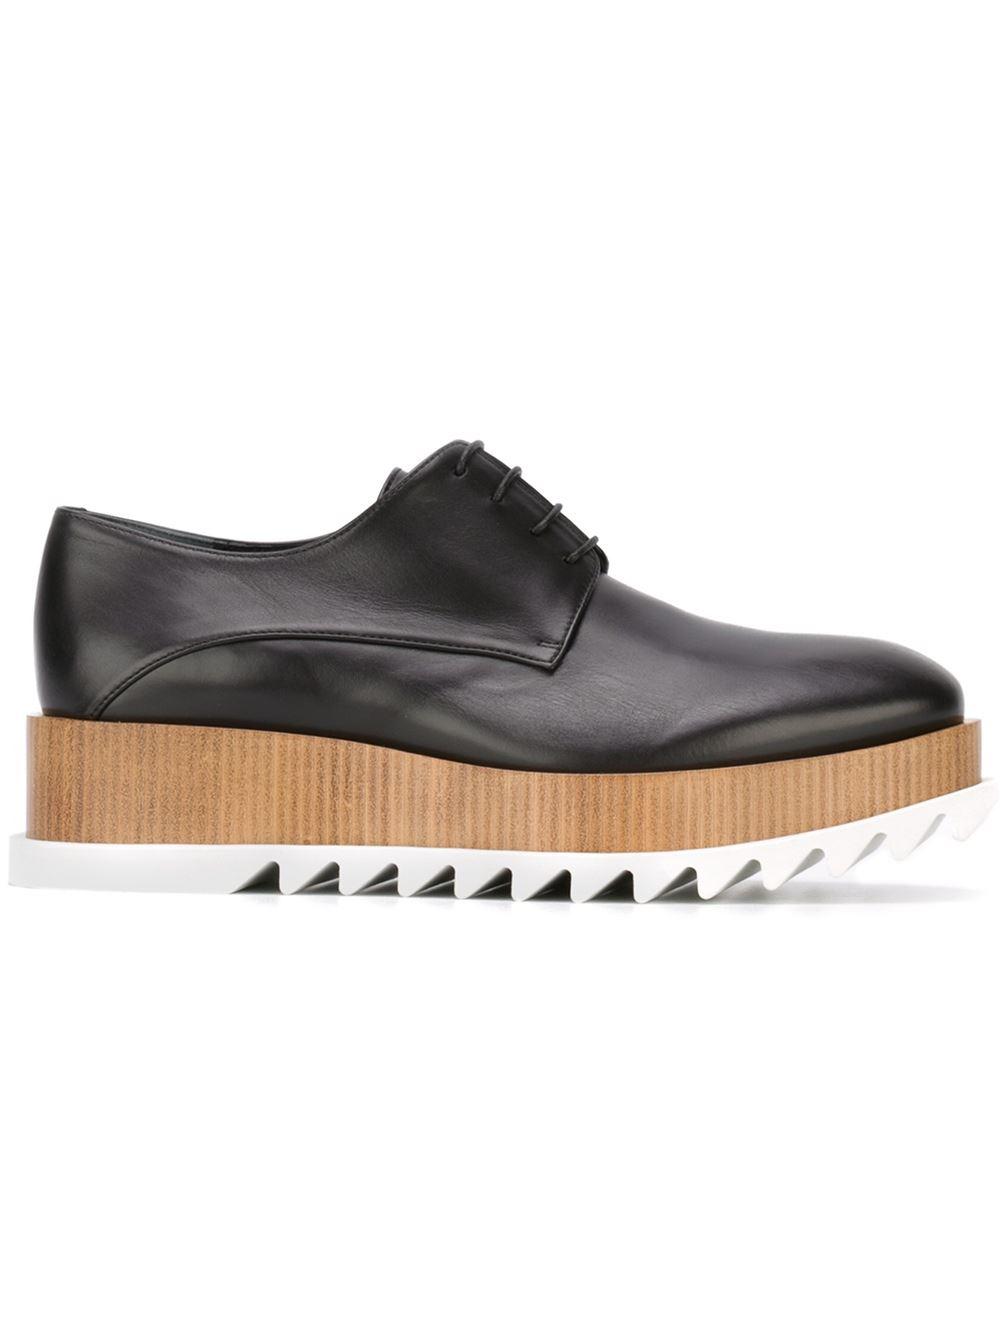 jil sander platform lace up shoes in black lyst